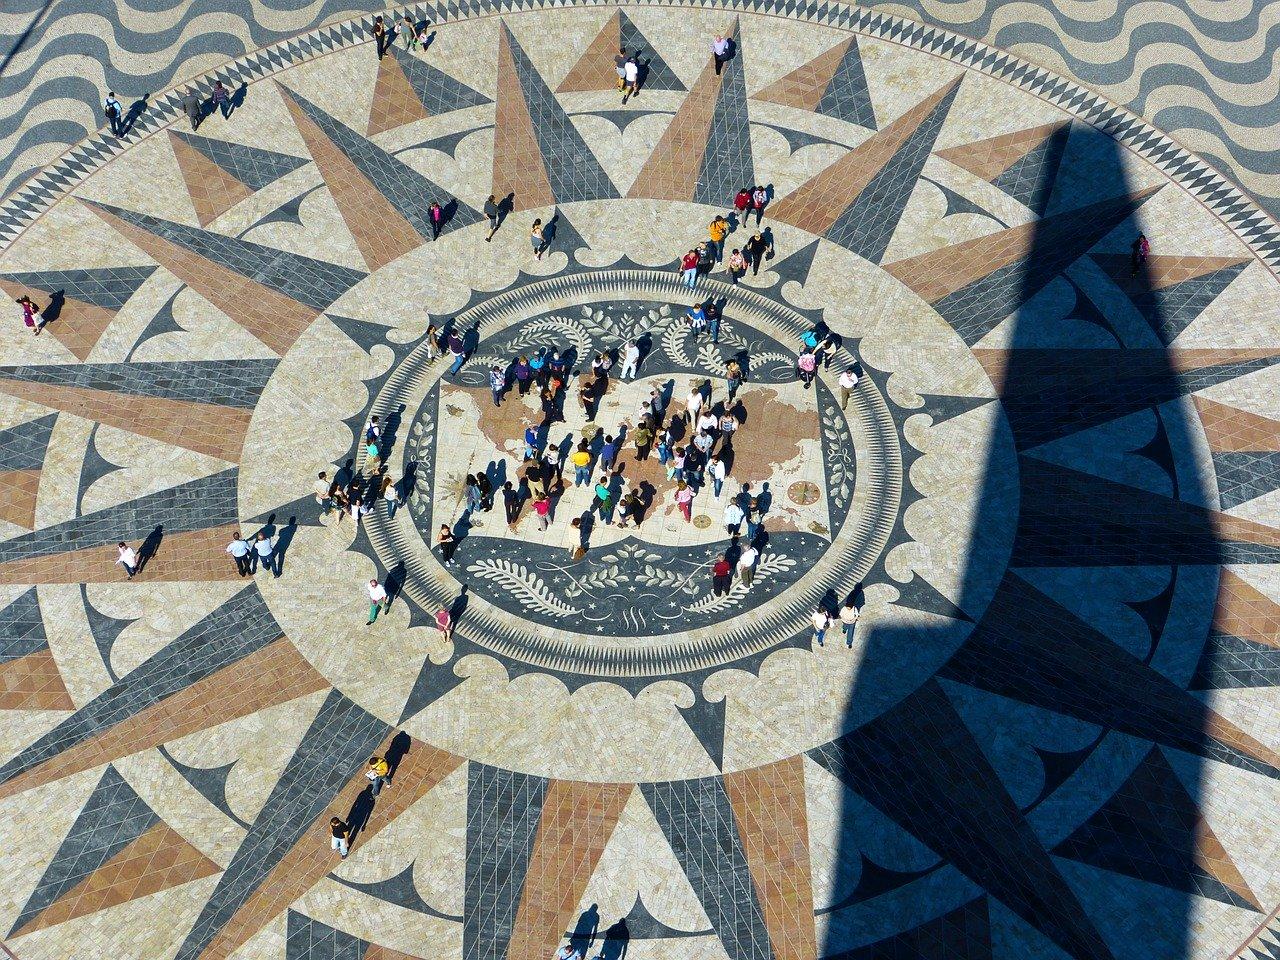 Rosa de los vientos en el Monumento de los Descubrimientos Lisboa